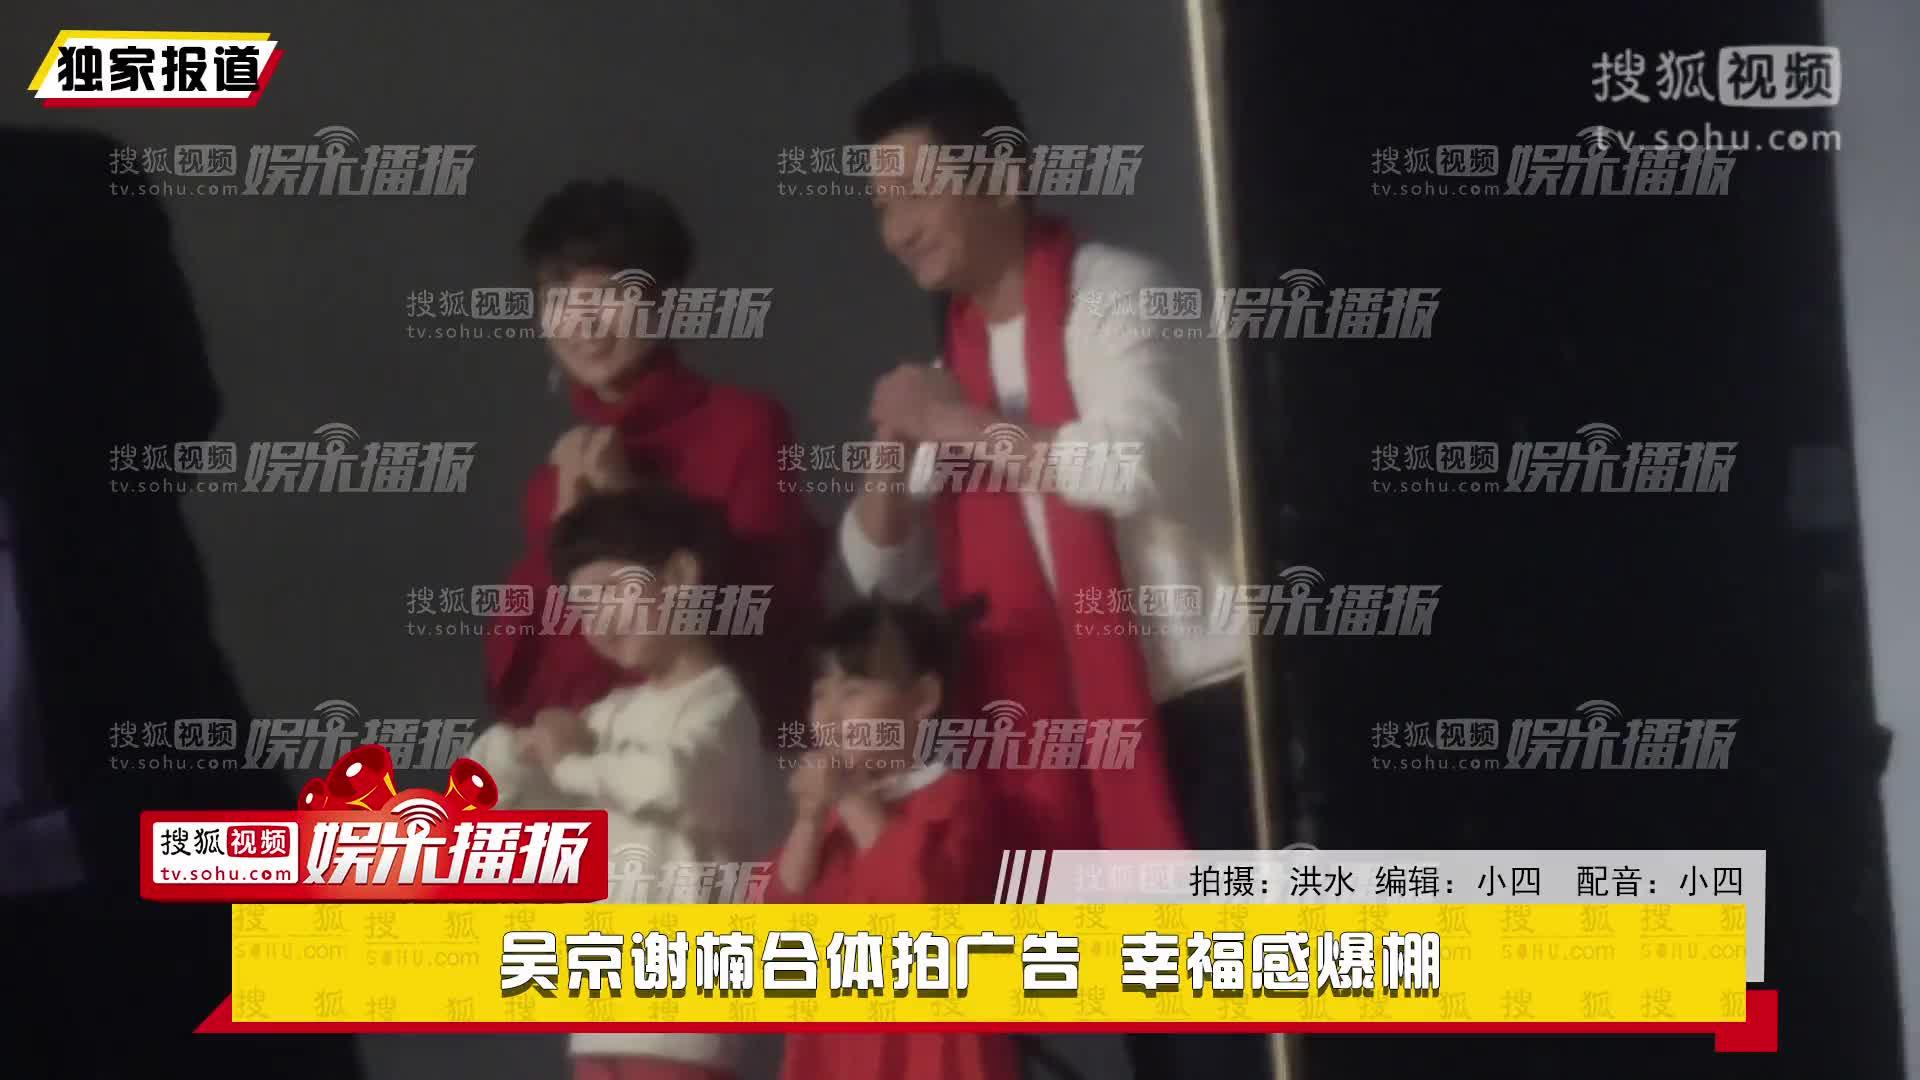 吴京谢楠合体拍广告 幸福感爆棚